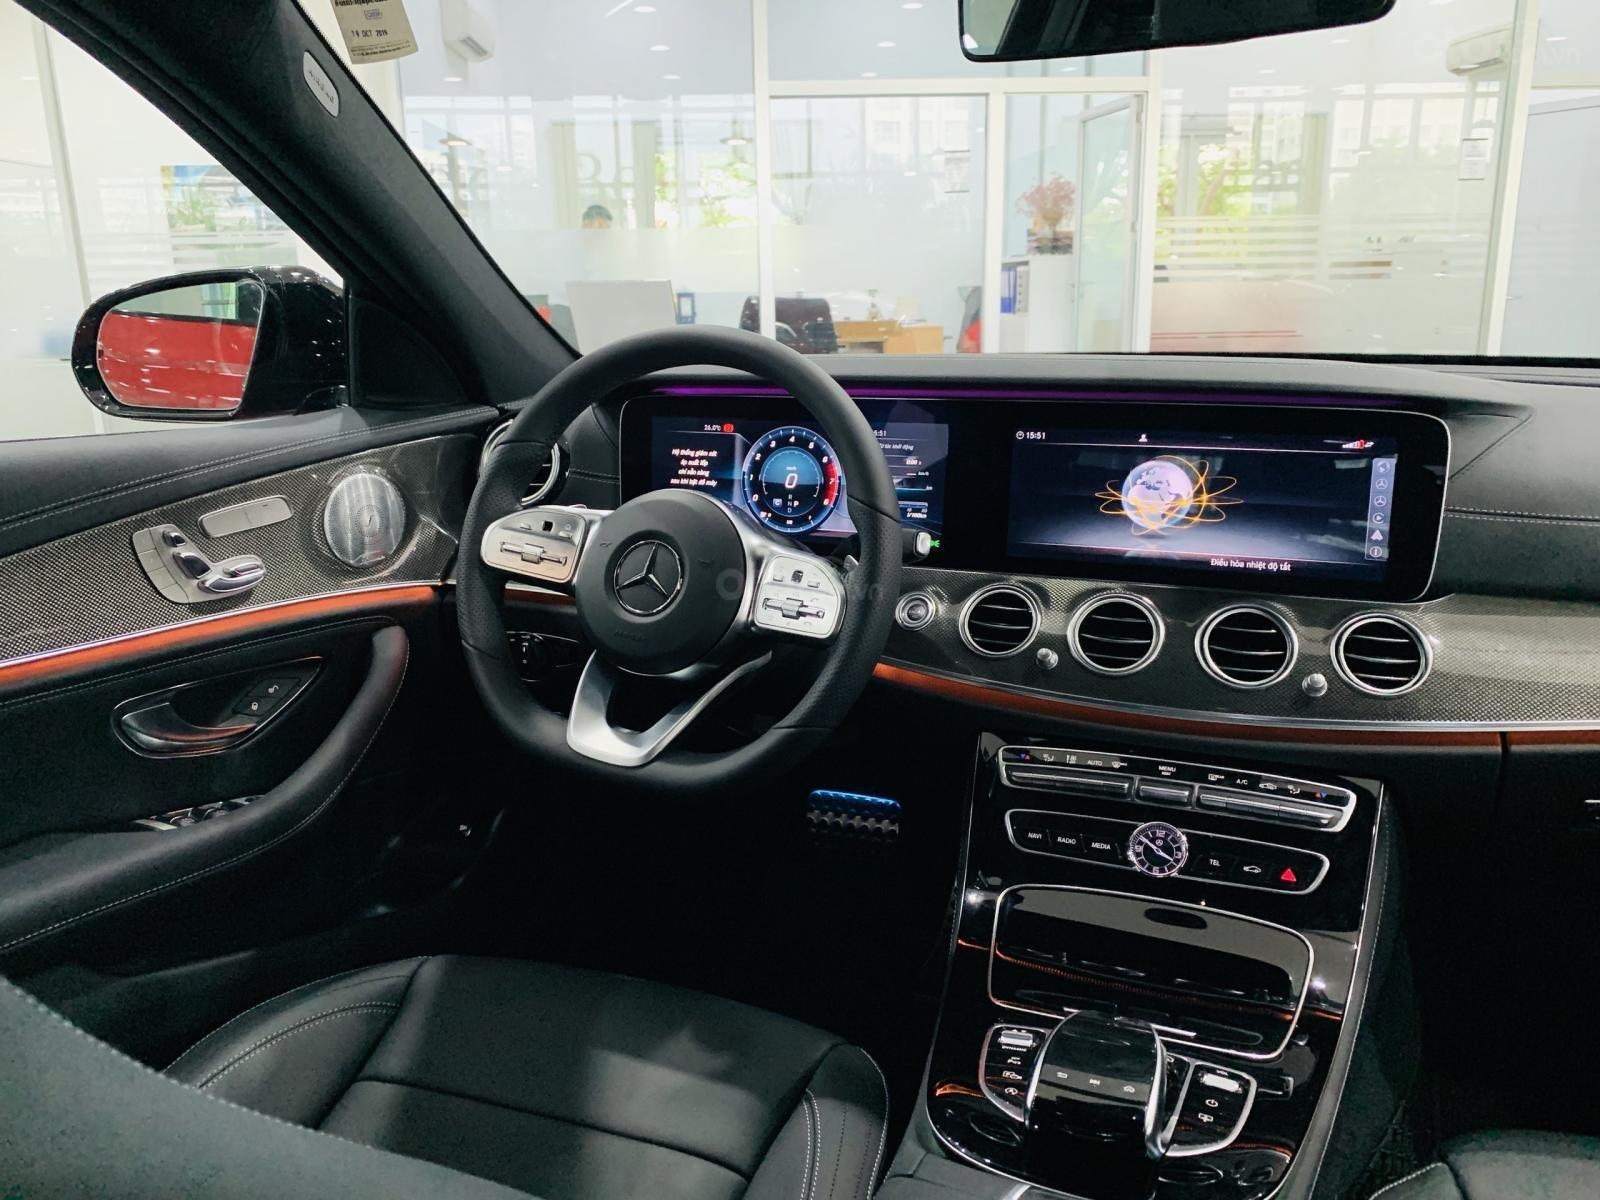 Bán Mercedes-Benz E300 AMG NEW- Hỗ trợ 100% TTB + hỗ trợ Bank 80%, trả trước 799 triệu nhận xe  (9)